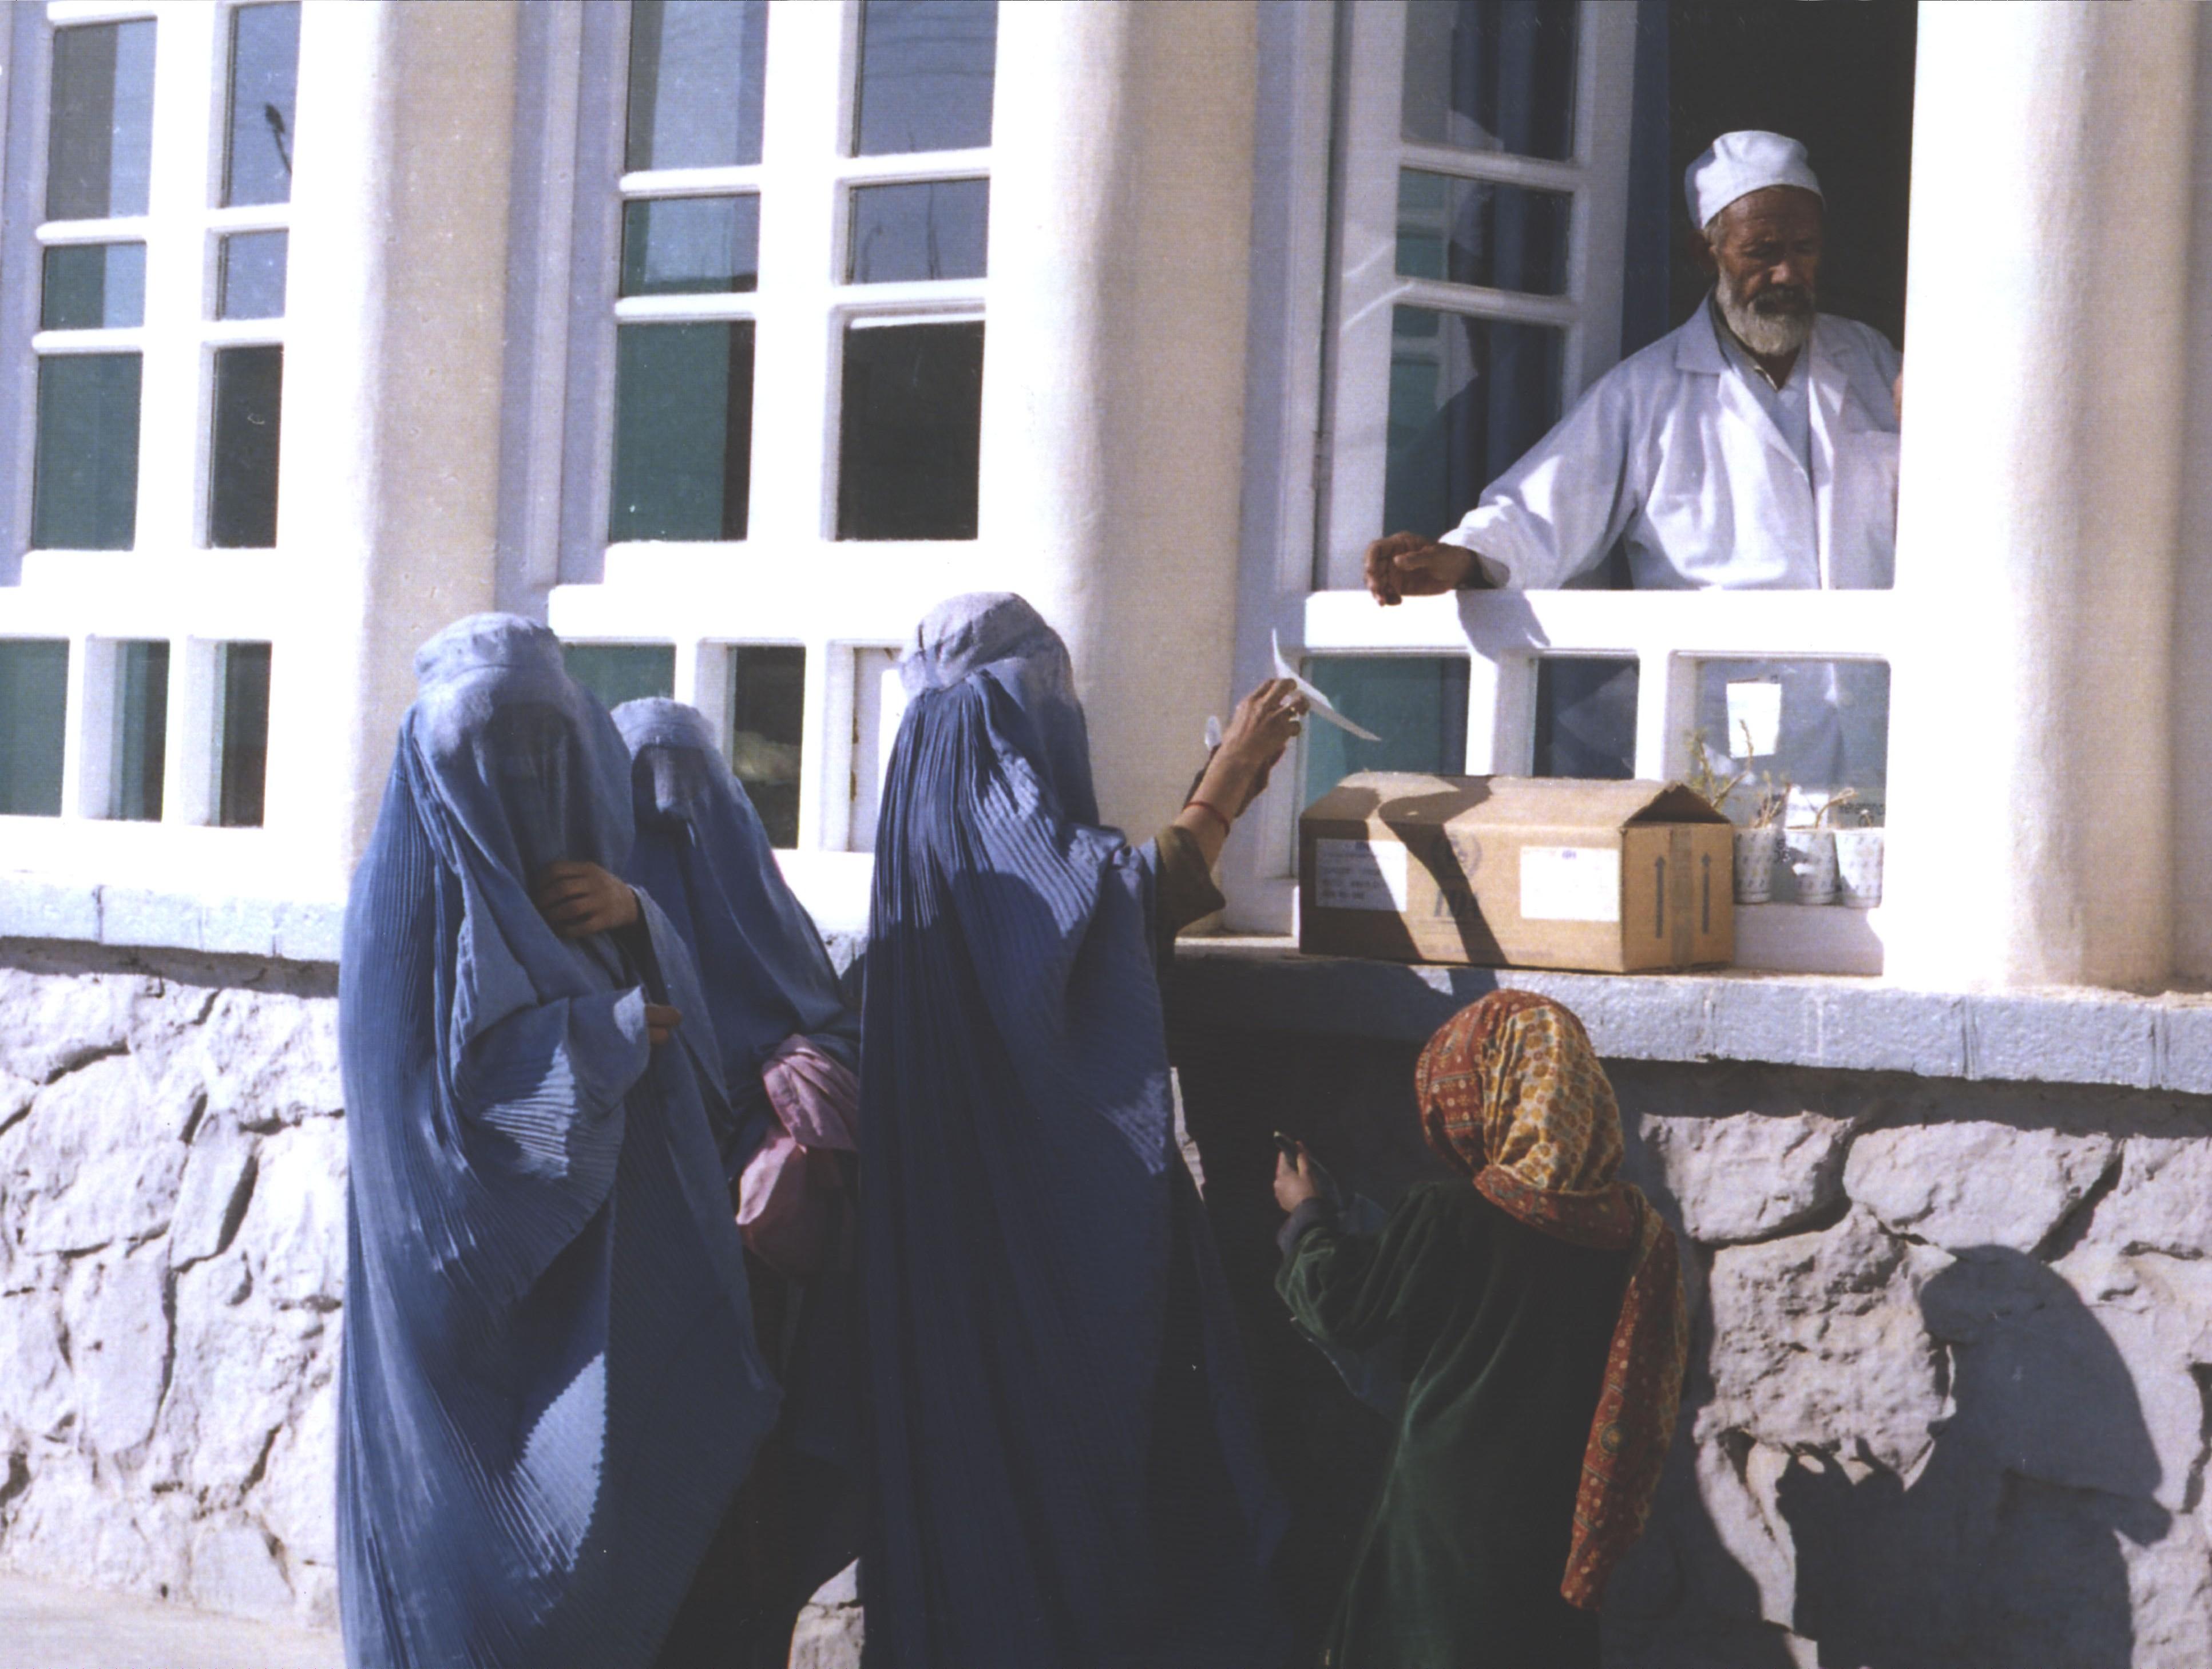 Mujeres afganas compran medicinas en una farrmacia de Kandahar, 2002.